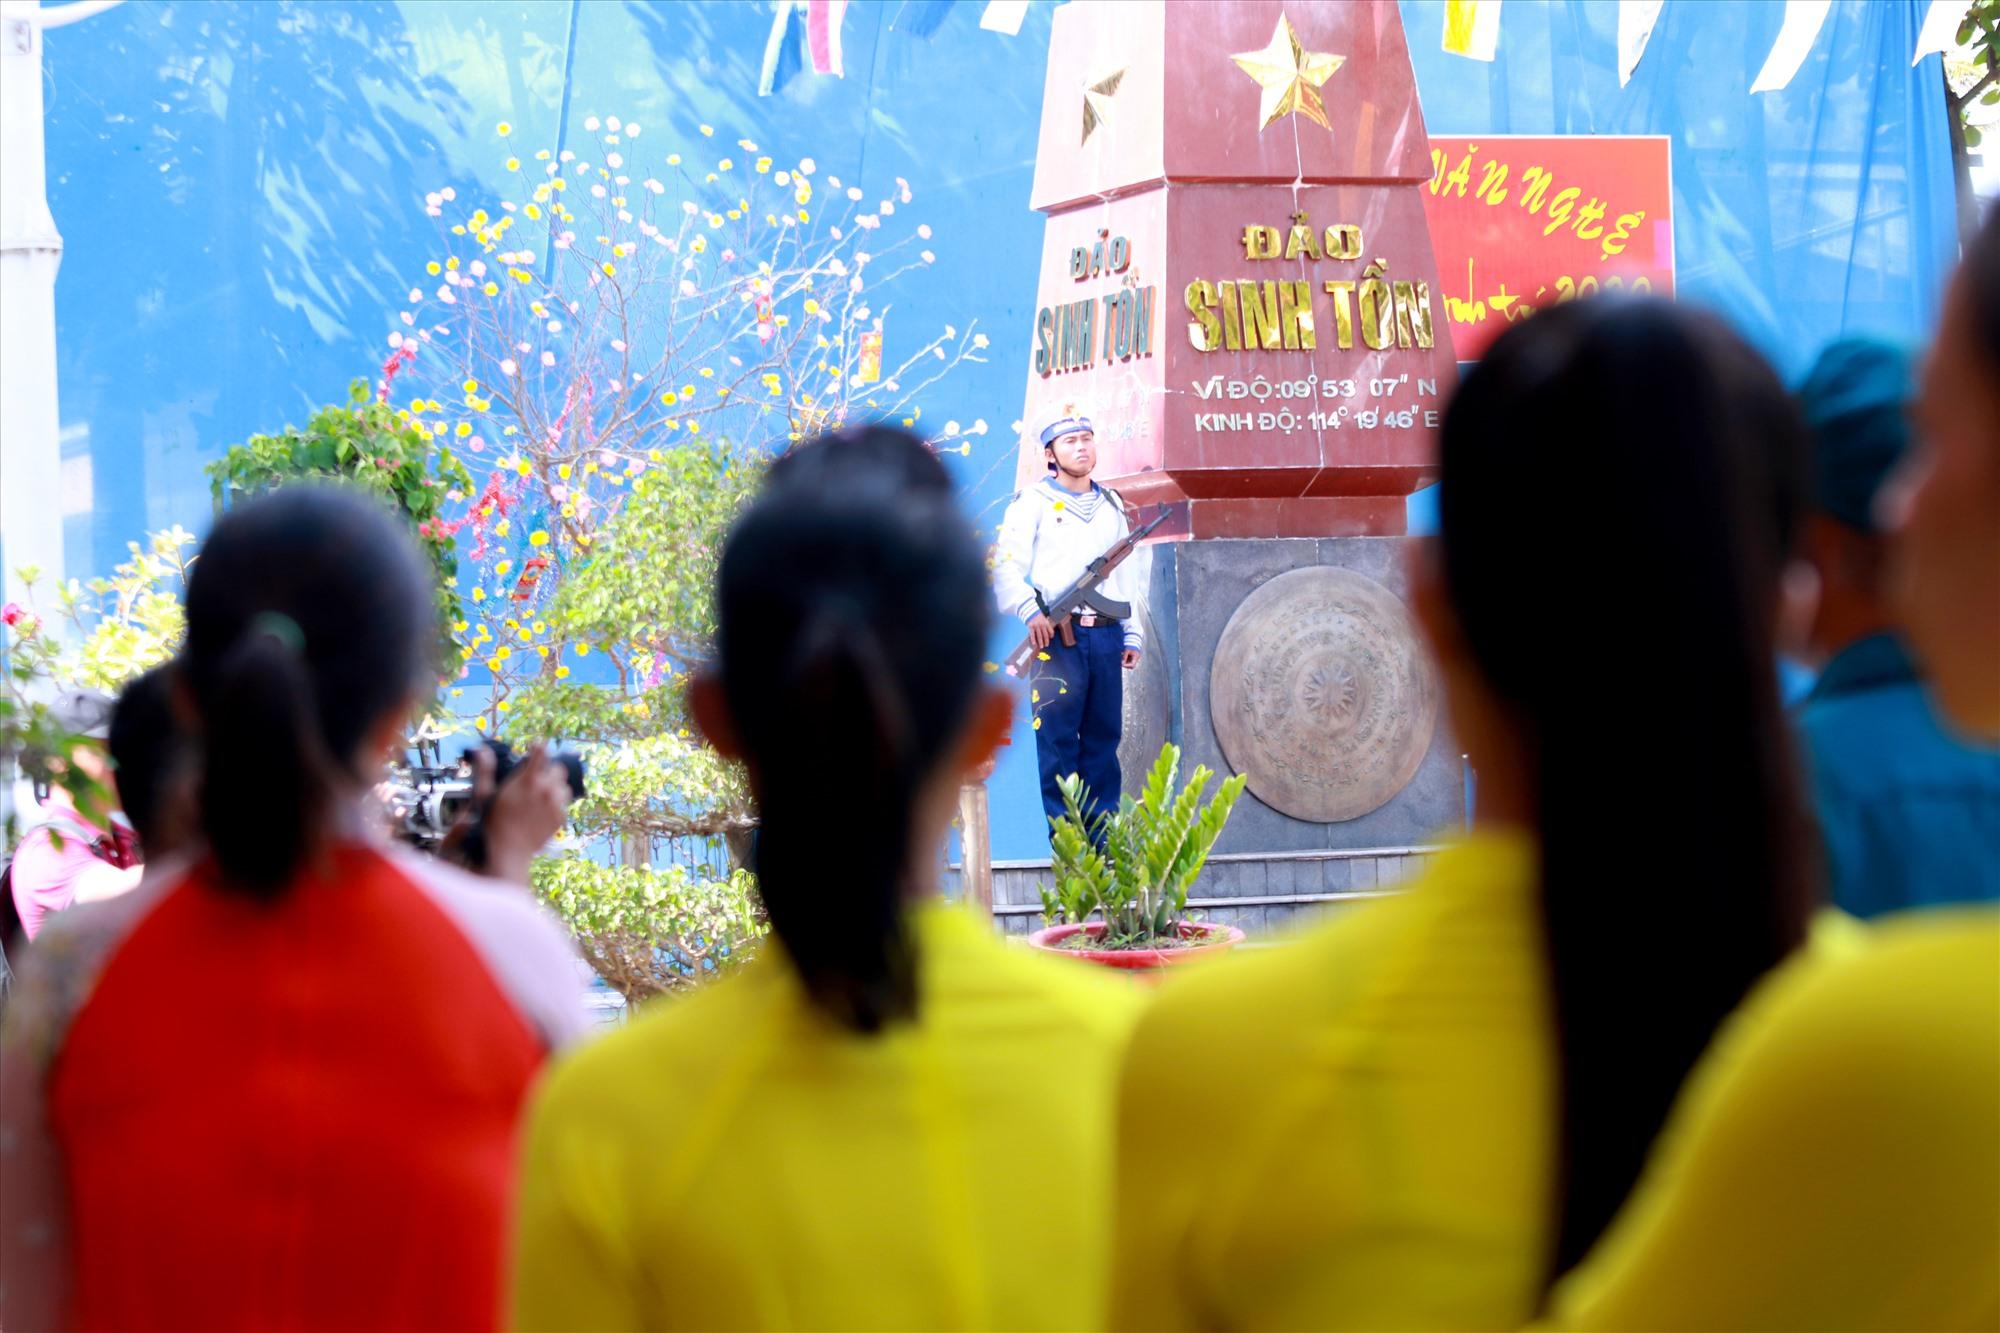 Những phụ nữ ở đảo Sinh Tồn trong bộ áo dài đẹp nhất dự lễ chào cờ đầu năm. Ảnh: T.C